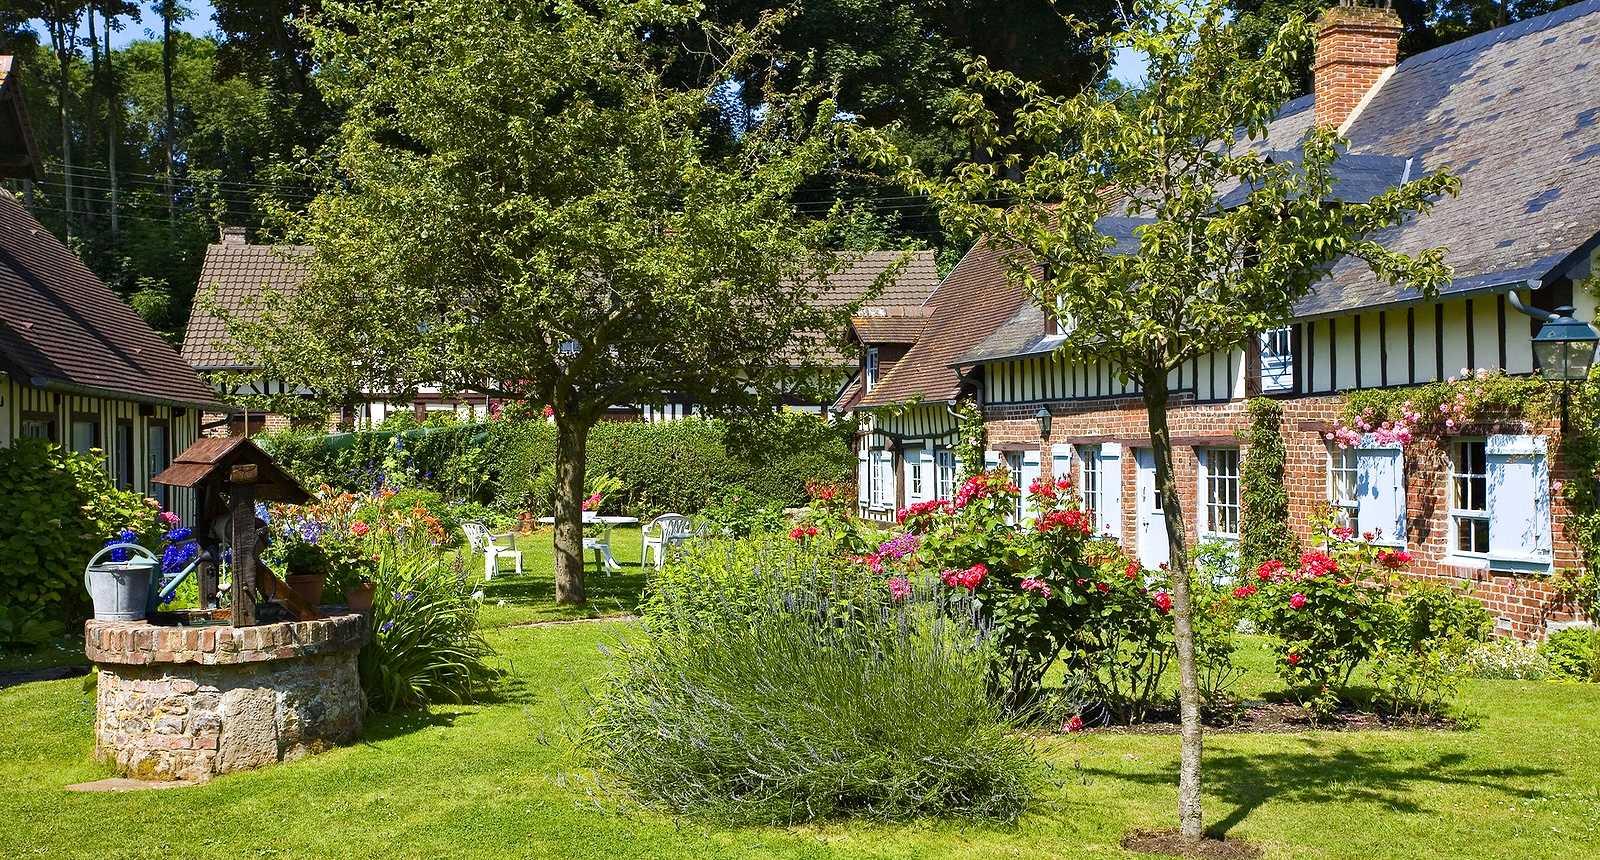 Office de tourisme de veules les roses veules les roses for Dicor maison france